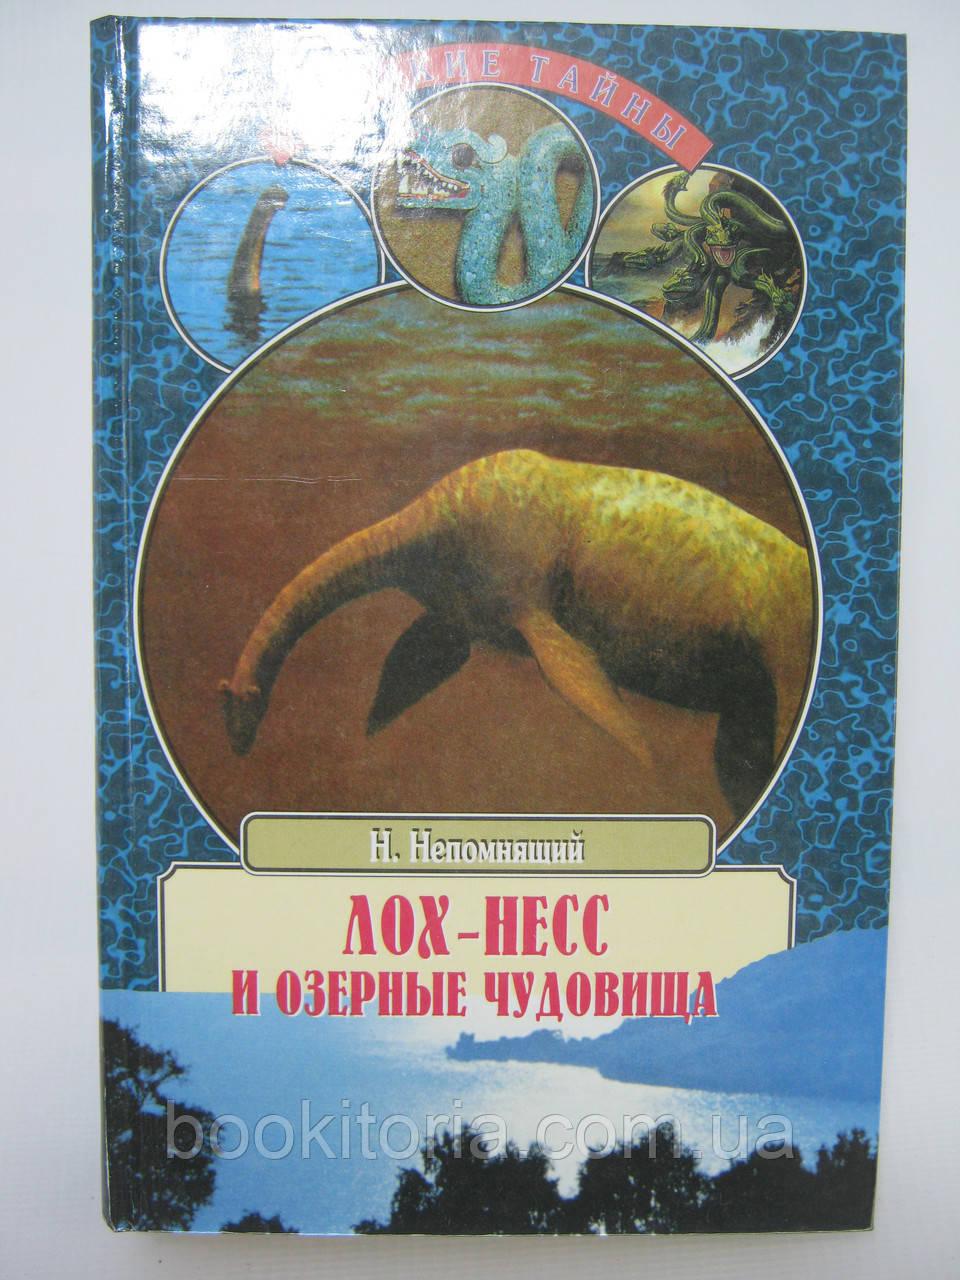 Непомнящий Н. Лох-Несс и озерные чудовища (б/у).